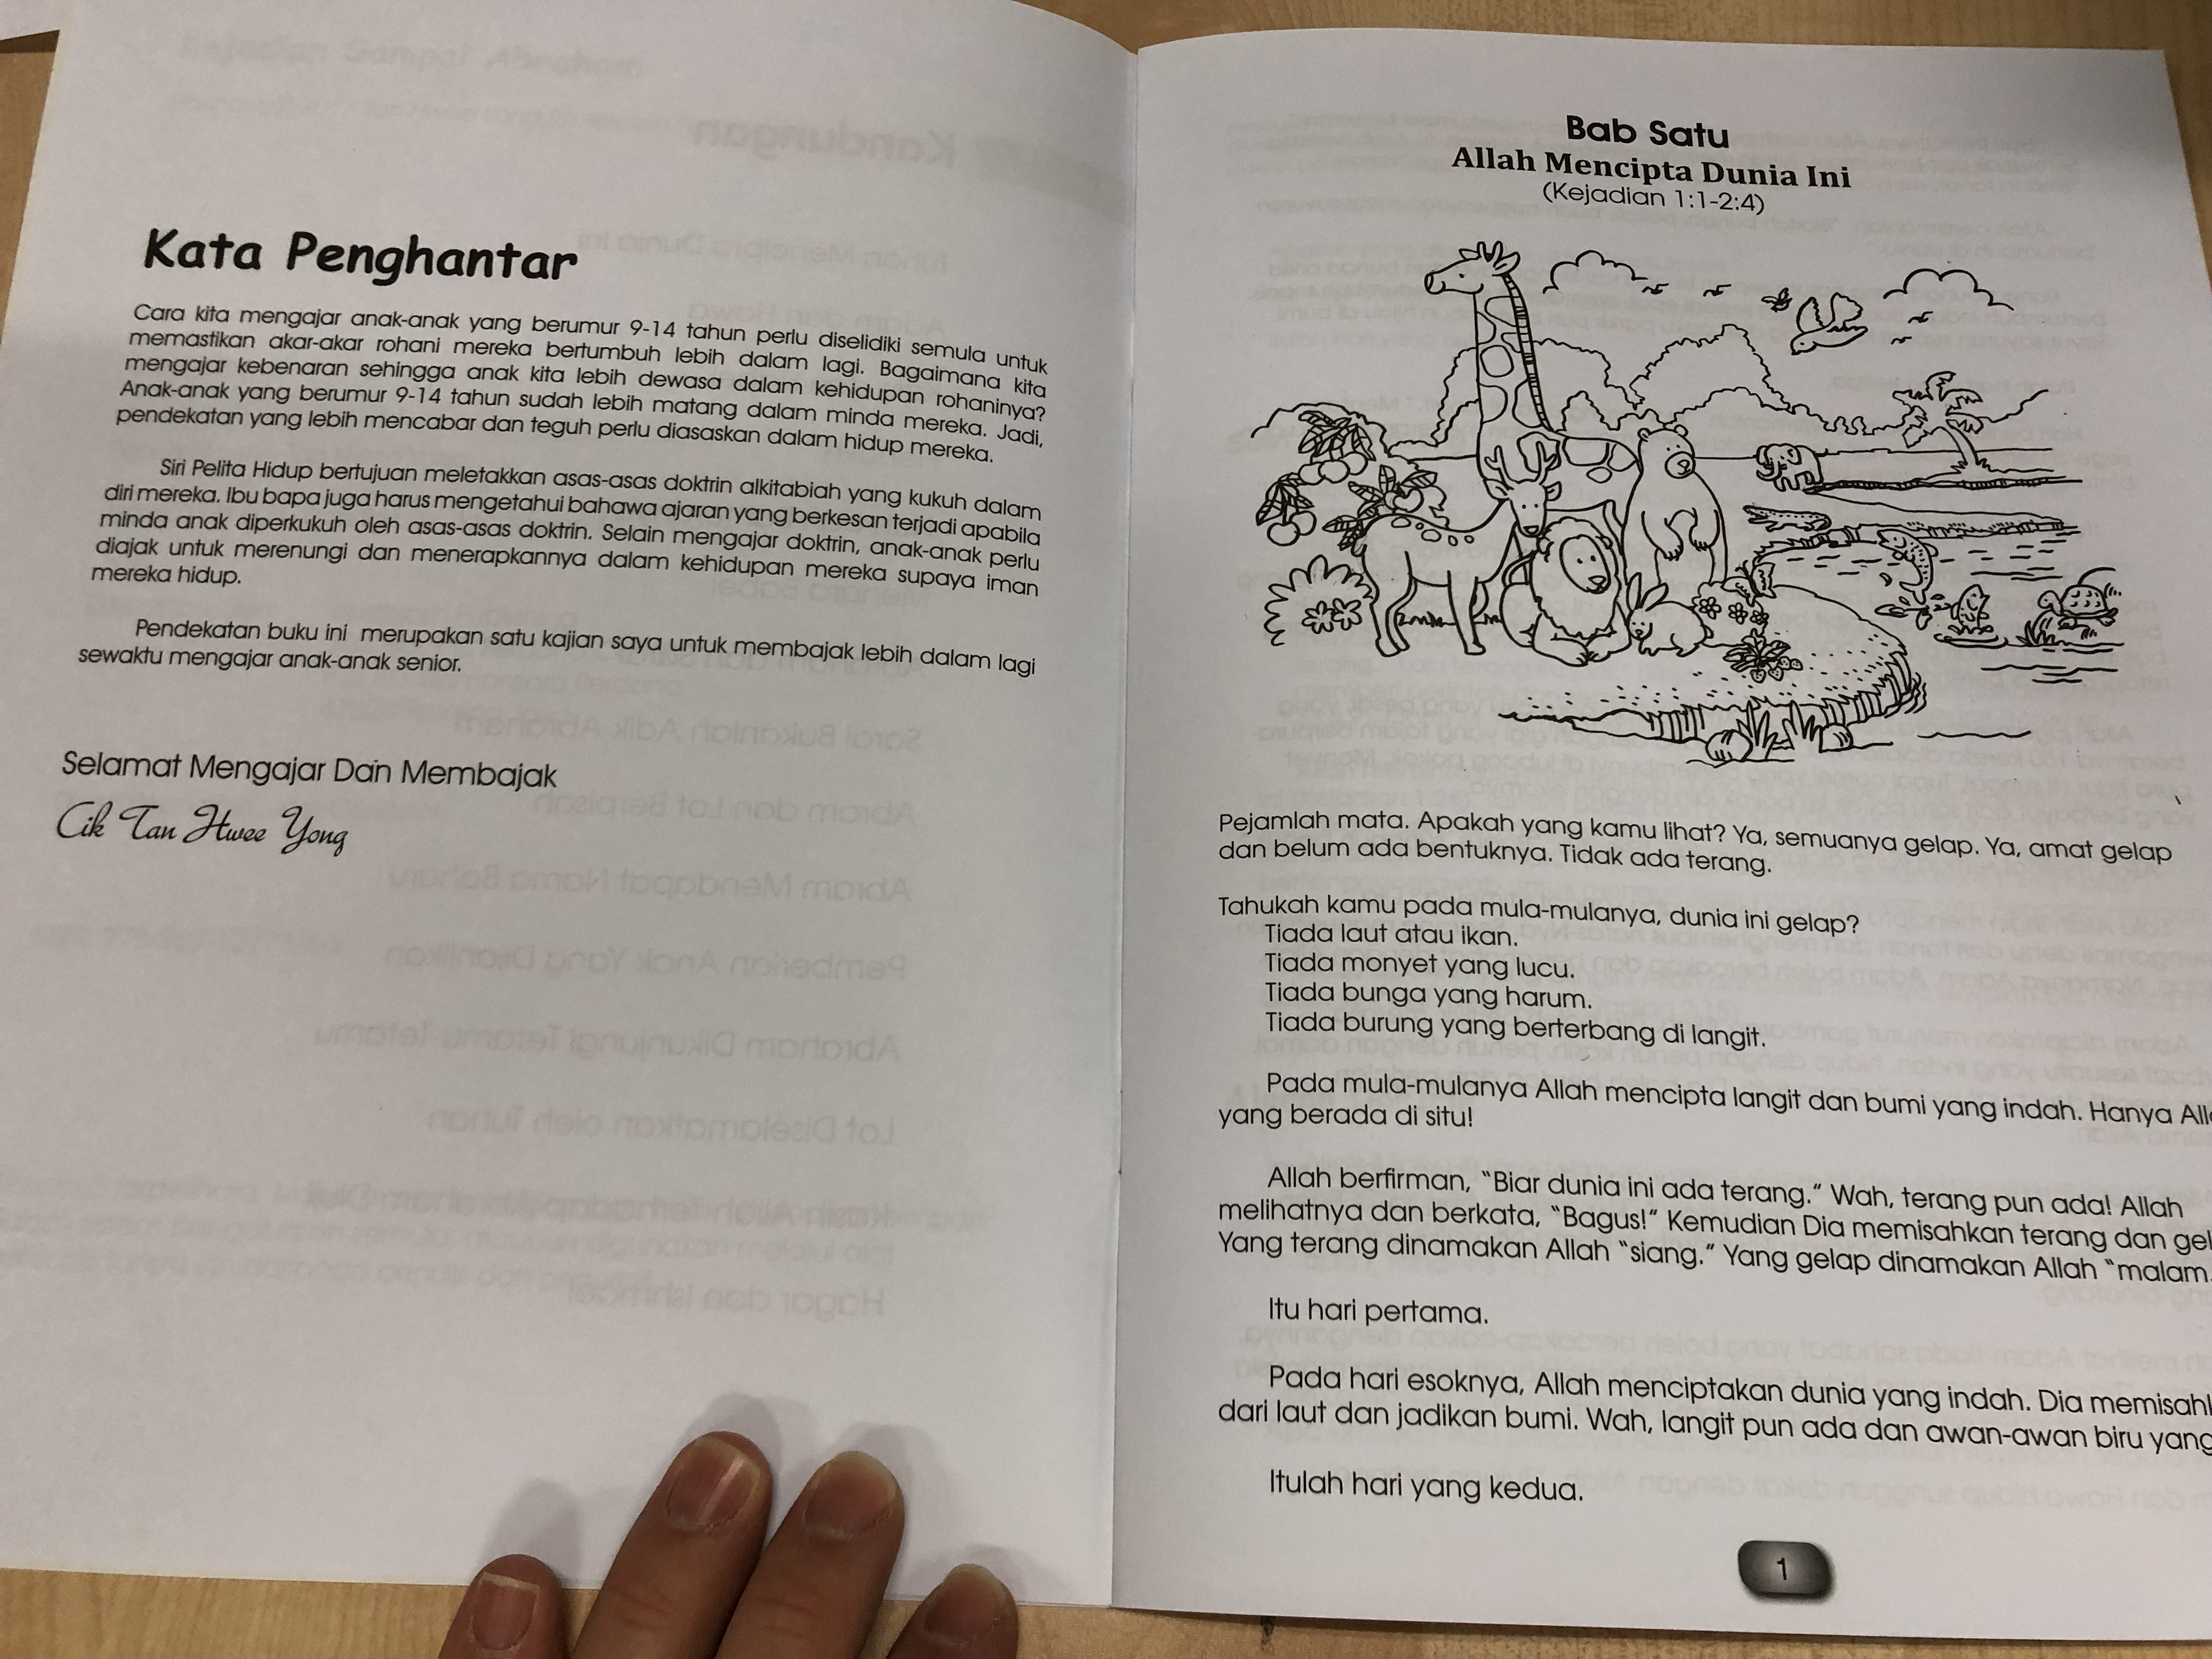 kejadian-sampai-abraham-from-creation-to-abraham-in-malay-language-evelyn-tan-hwee-yong-paperback-2017-4-.jpg